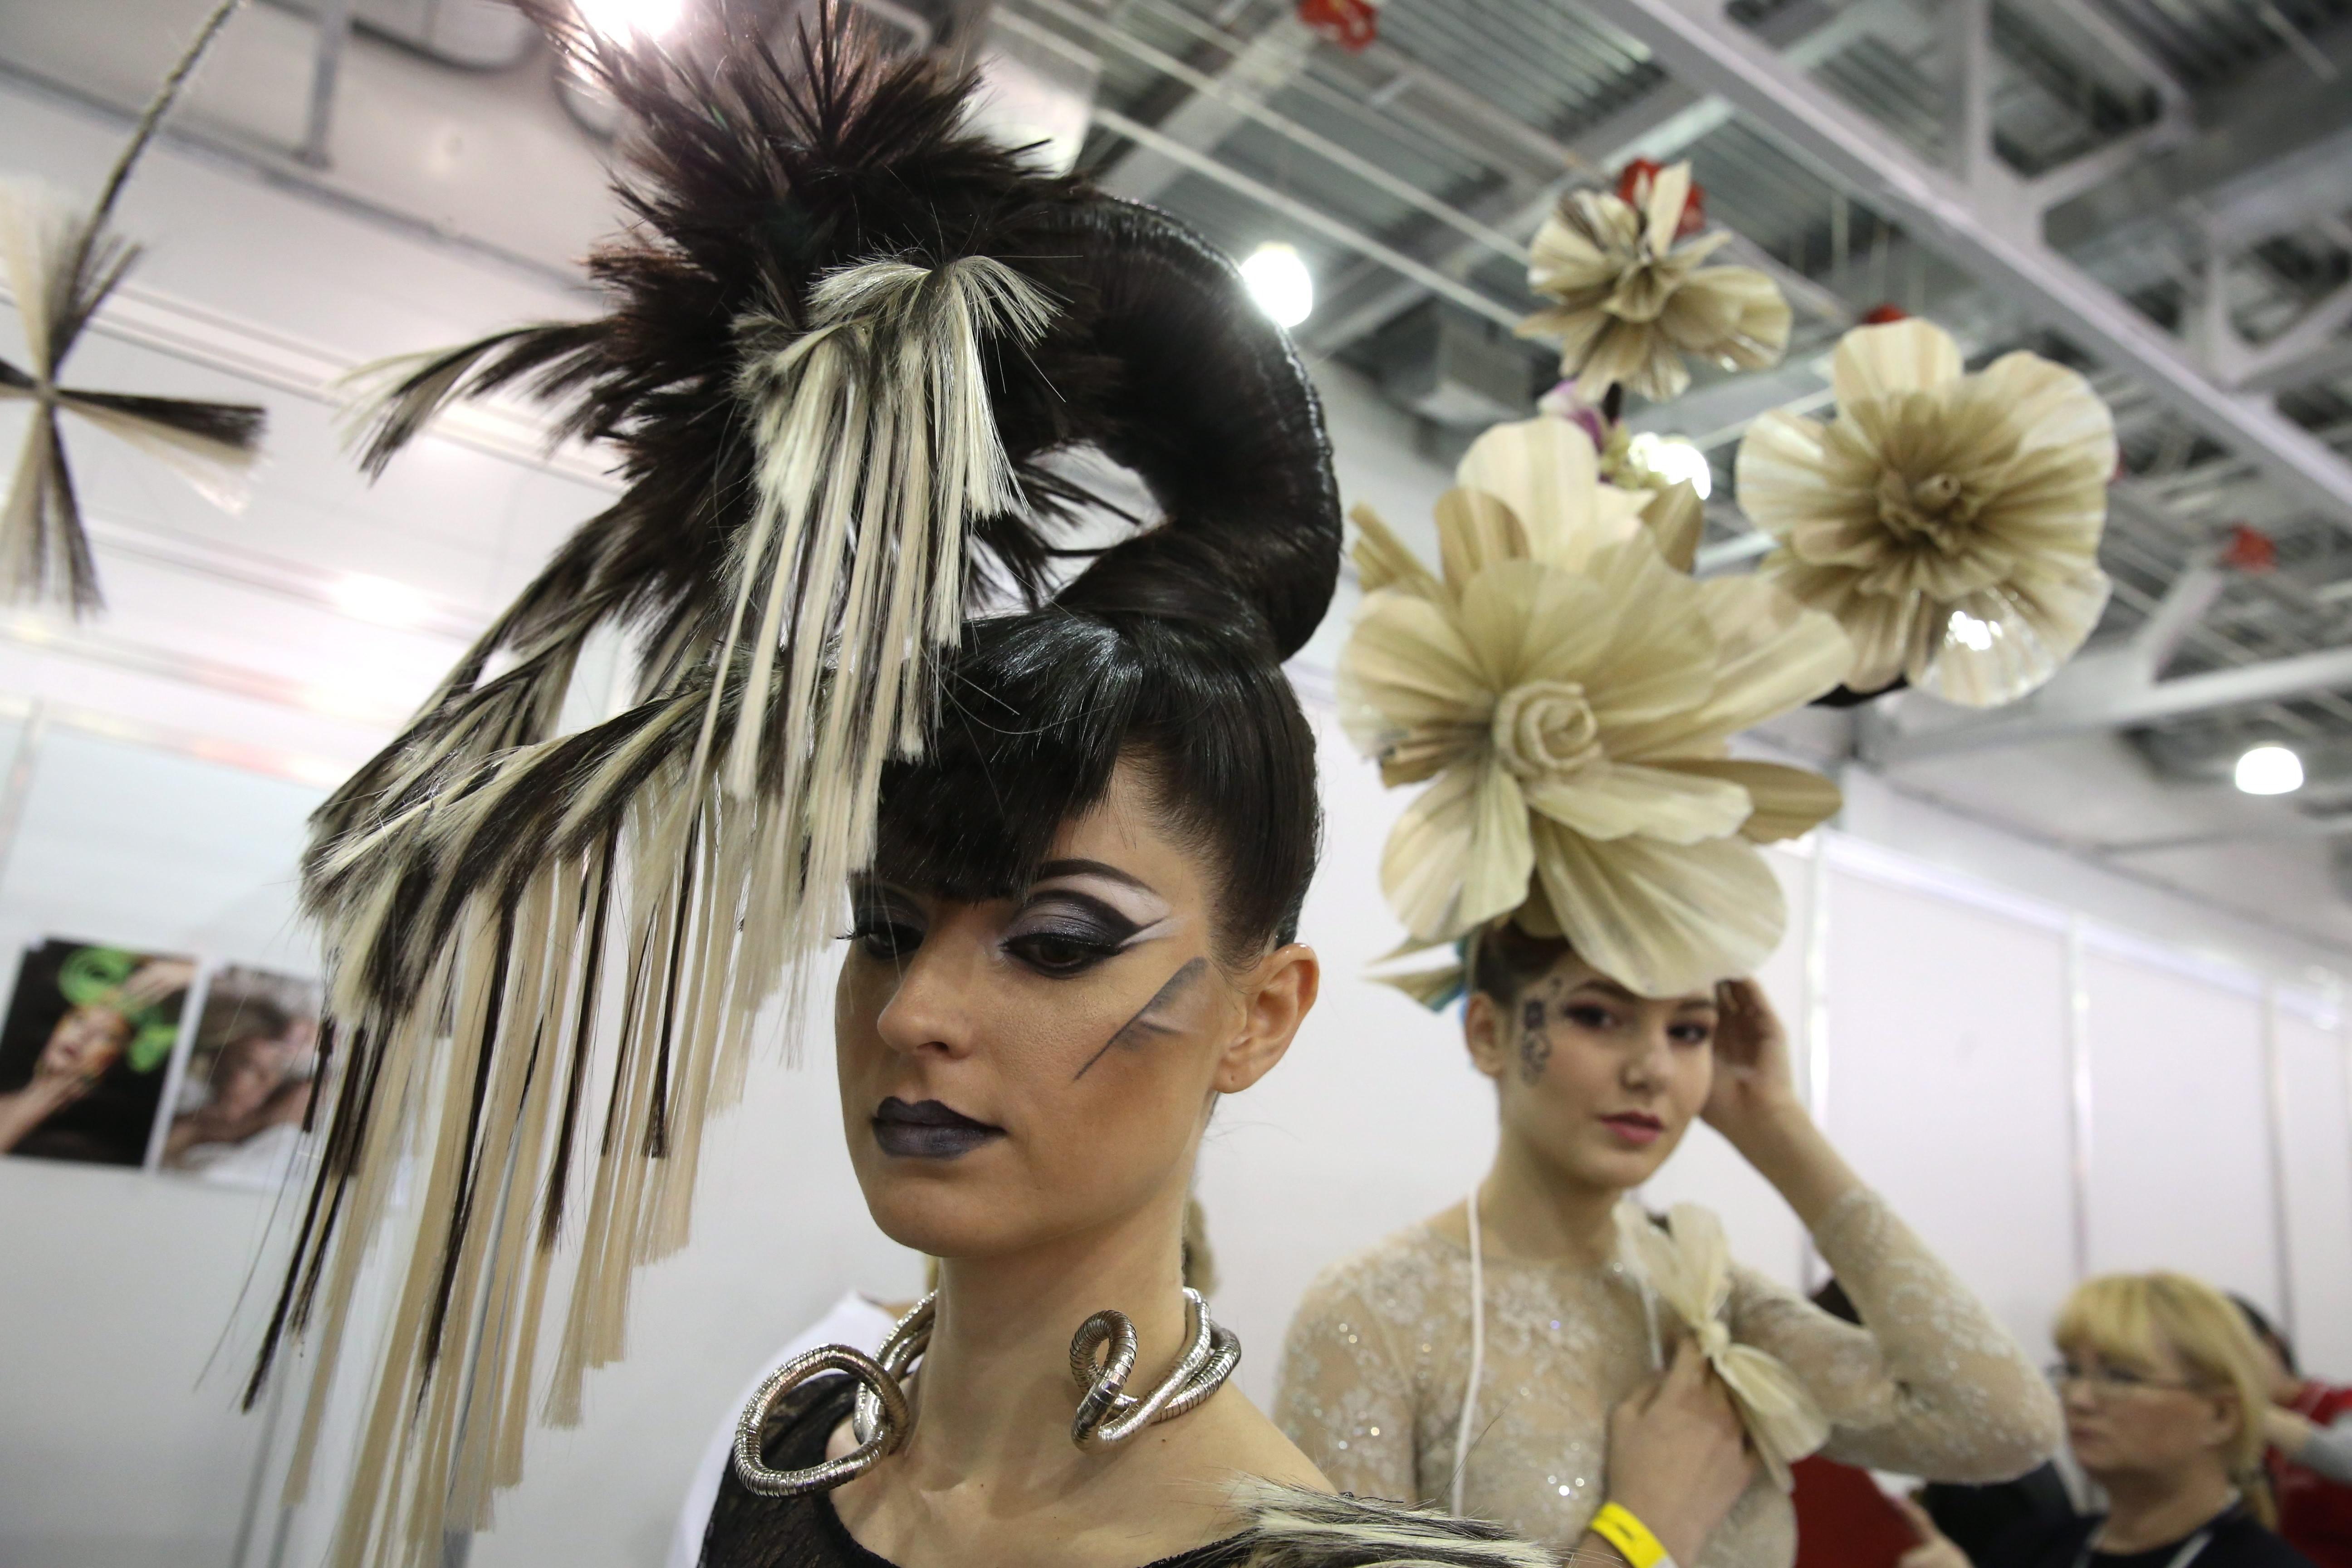 Финалът на ХXI-ия шампионат на Русия по фризьорско изкуство, декоративна козметика и ноктопластика в международния изложбен комплекс Crocus Expo в Москва.